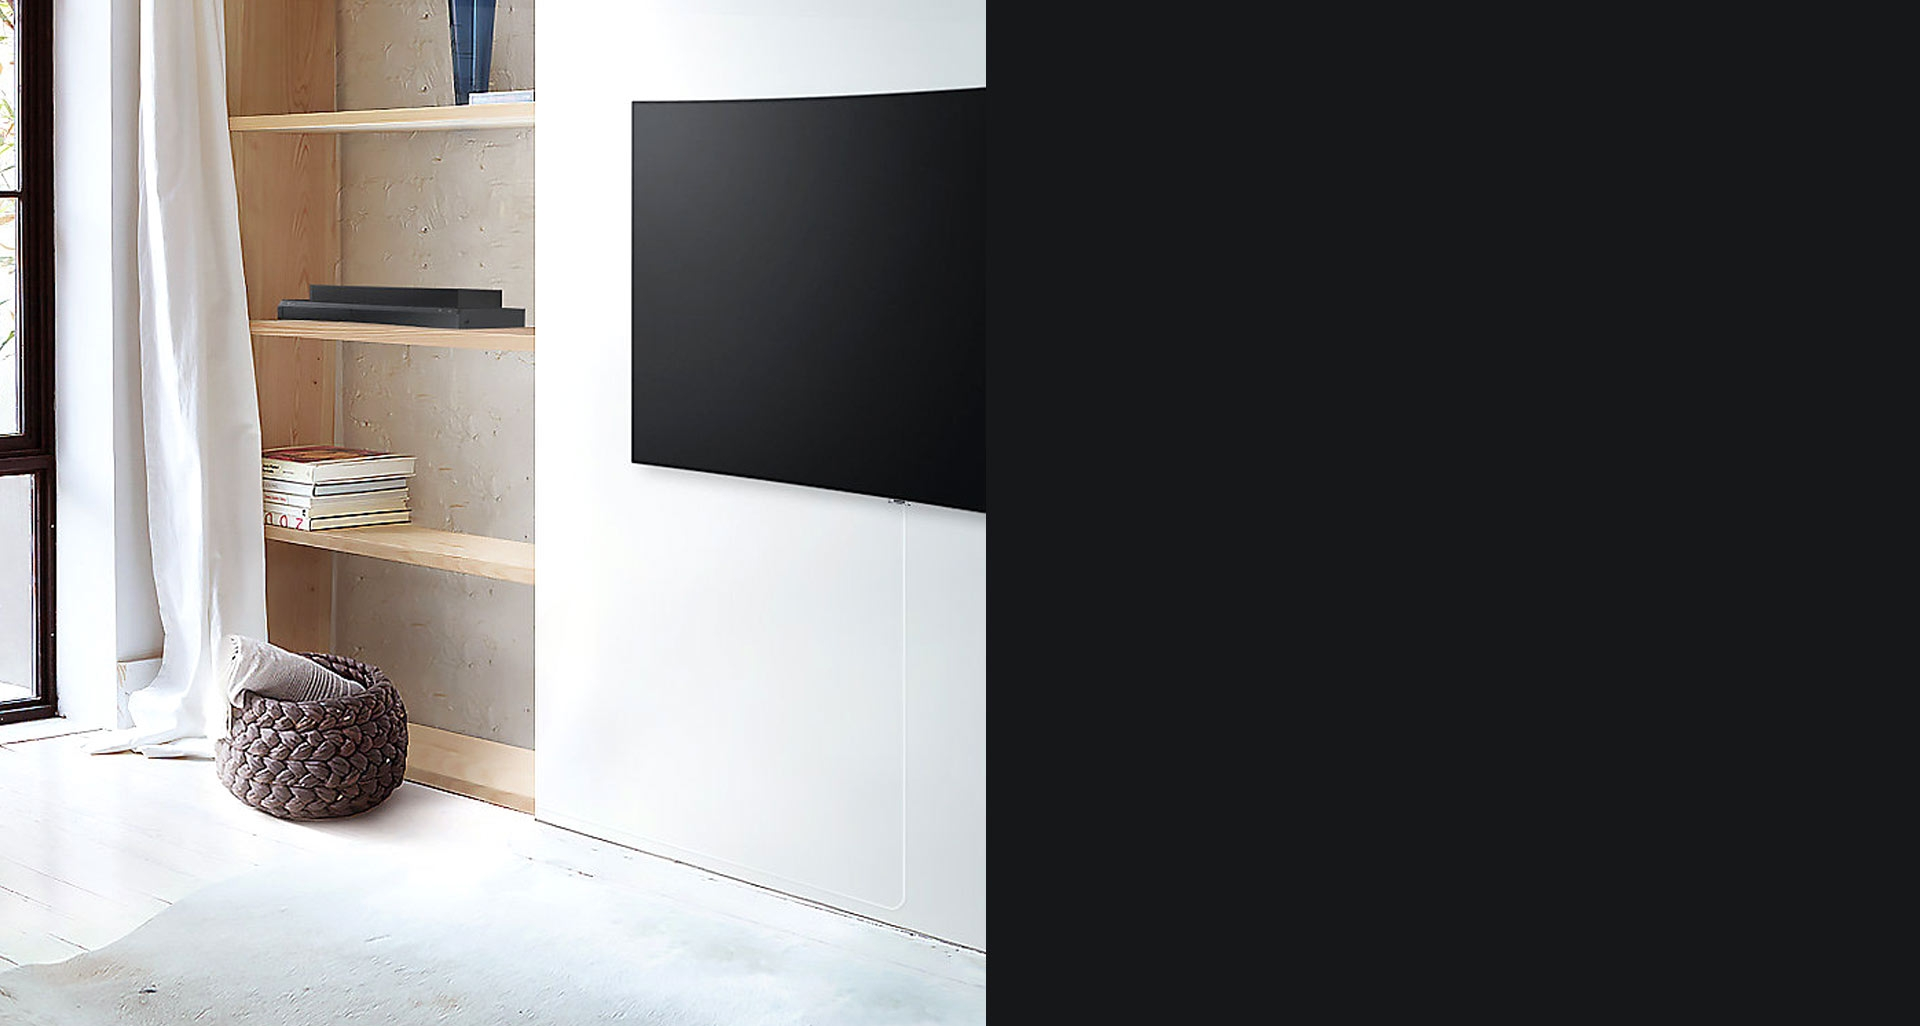 اتصال نامرئی تلویزیون 55Q78C